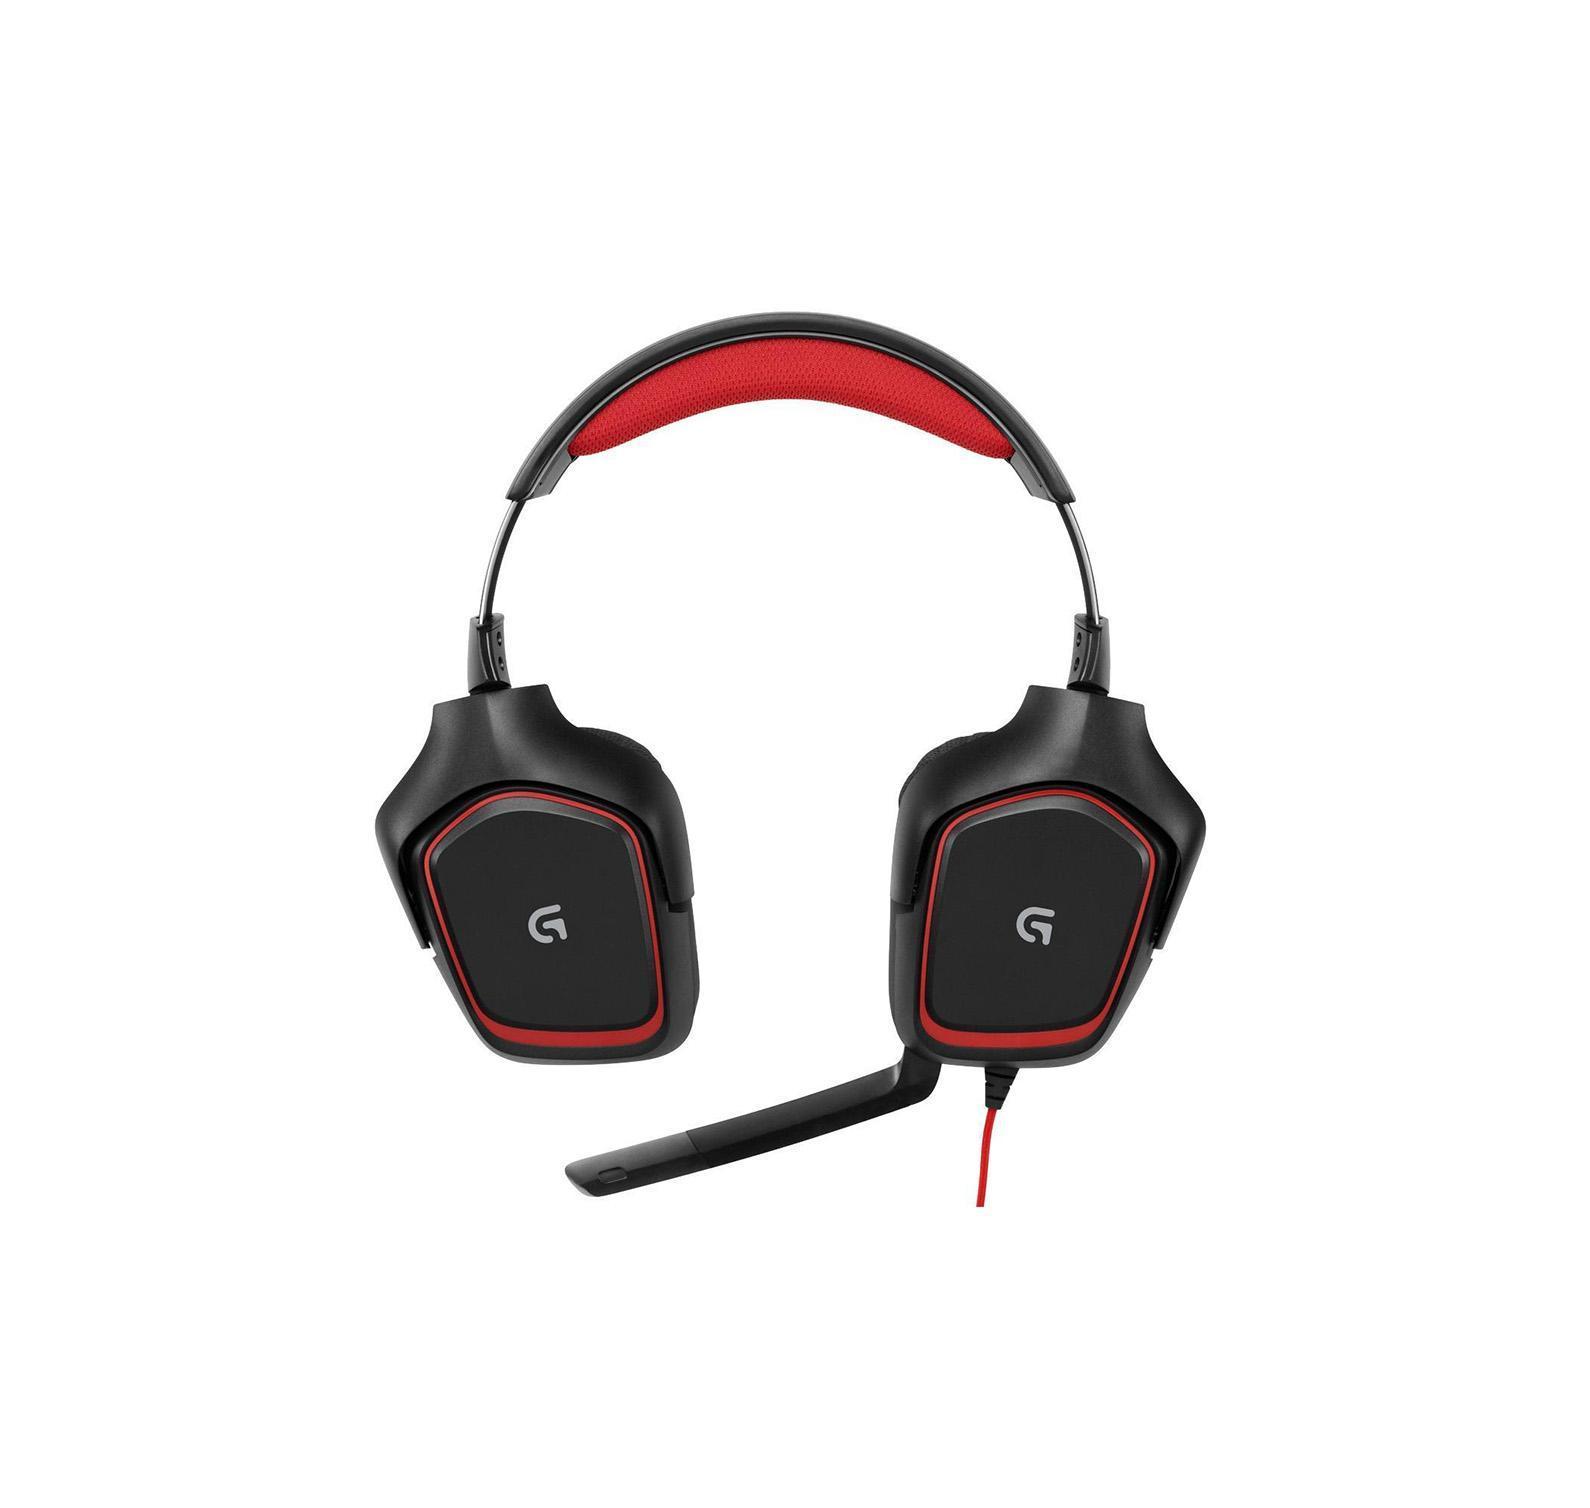 Logitech G230 Gaming Headset (981-000540) проводная игровая гарнитура981-000540Гарнитура Logitech G230 Stereo Gaming Headset с неодимовыми 40-мм динамиками обеспечивает качественный звук и полностью погружает в игру независимо от жанра. Складной микрофон с системой шумоподавления распознаёт голос геймера и отсекает лишние звуки, а пульт управления аудио и кнопка отключения микрофона удобно расположены на кабеле. Стереозвук игрового качества В играх важна не только графика. Звук дополняет изображение. За счет 40-миллиметровых неодимовых диффузоров гарнитура G230 обеспечивает высококачественный стереозвук, позволяющий полностью погрузиться в игру от начала до конца. Падение булавки, взрыв бомбы - услышьте все! Спортивные матерчатые амбушюры Длительные игровые сеансы ассоциируются с жаром и потом. Амбушюры G230 покрыты тщательно подобранным спортивным материалом, чтобы обеспечить ощущение комфорта и мягкости даже при многочасовом использовании. При этом они легко снимаются для мытья, чтобы держать гарнитуру в отличной...